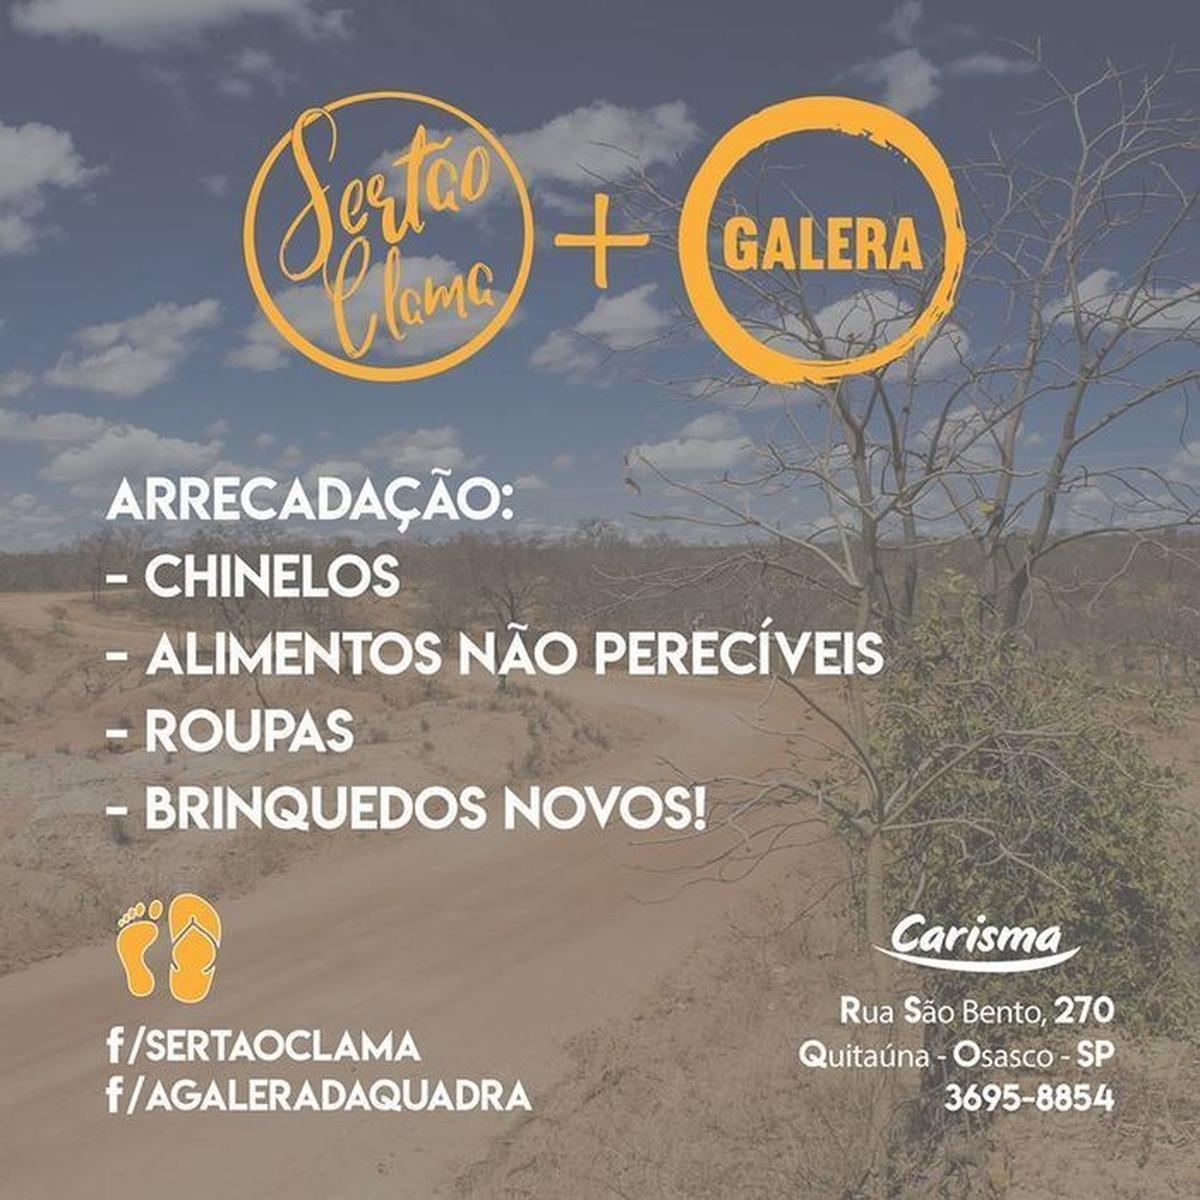 O SERTÃO CLAMA + GALERA DA QUADRA – COMUNIDADE CARISMA OSASCO